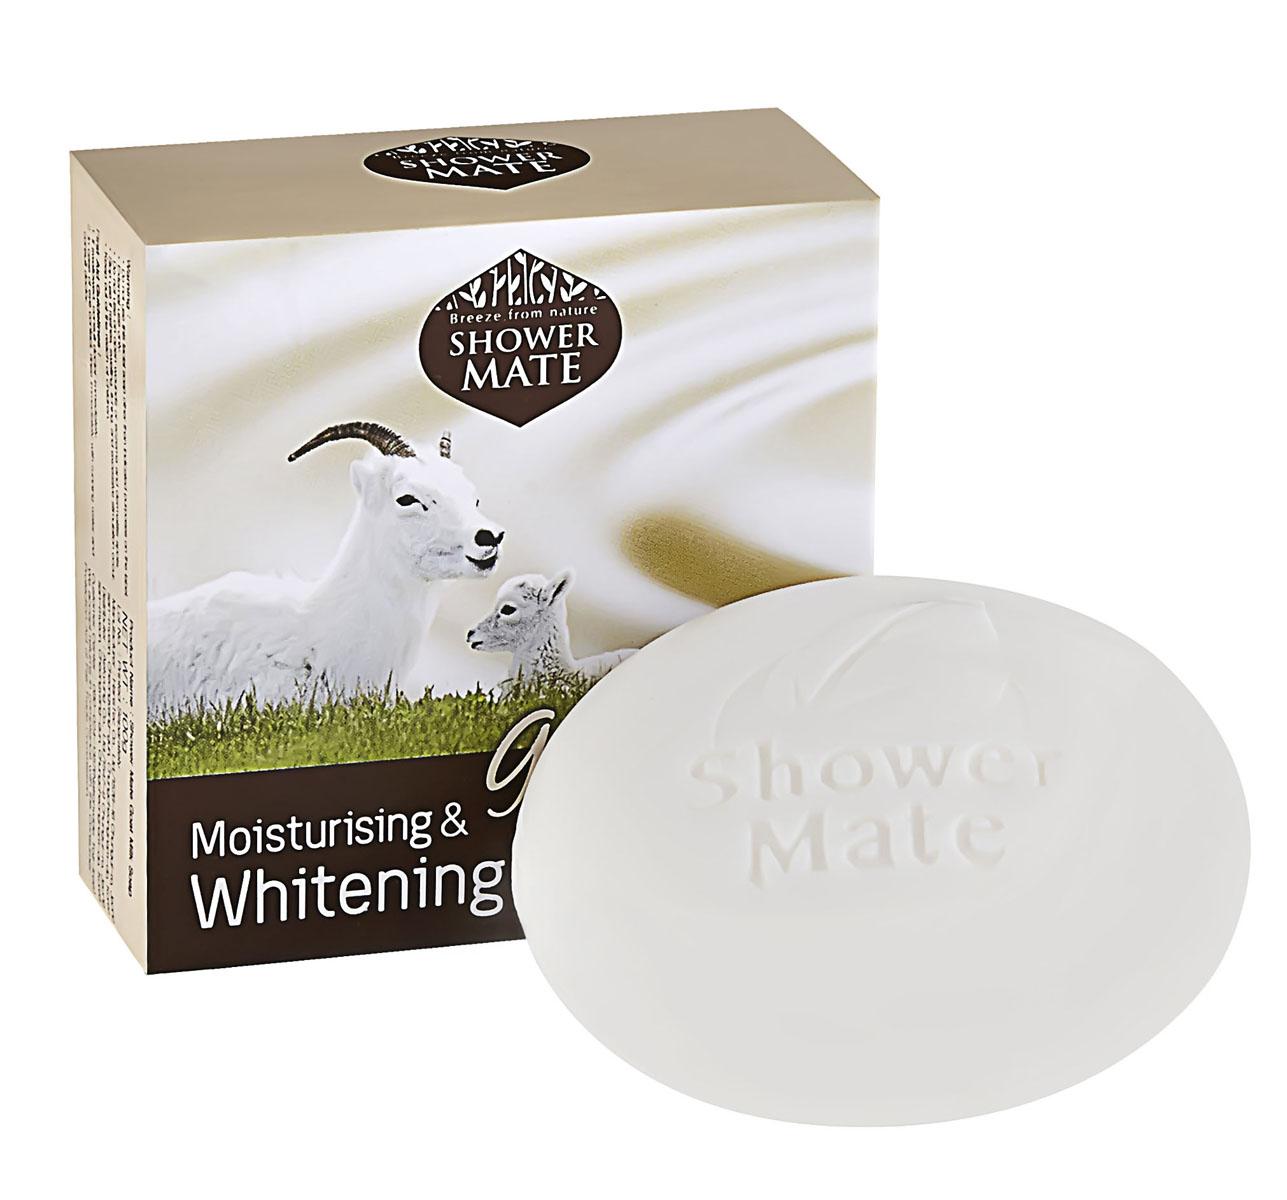 Shower Mate Мыло косметическое Увлажняющий с козьим молоком, 100г8801046255636Очищающие компоненты мягкого действия в сочетании с богатым протеинами и витамином В козьим молоком бережно ухаживают за кожей, смягчают, разглаживают и выравнивают тон. Также содержит арбутин и витамин Е. Сладко-молочный аромат.